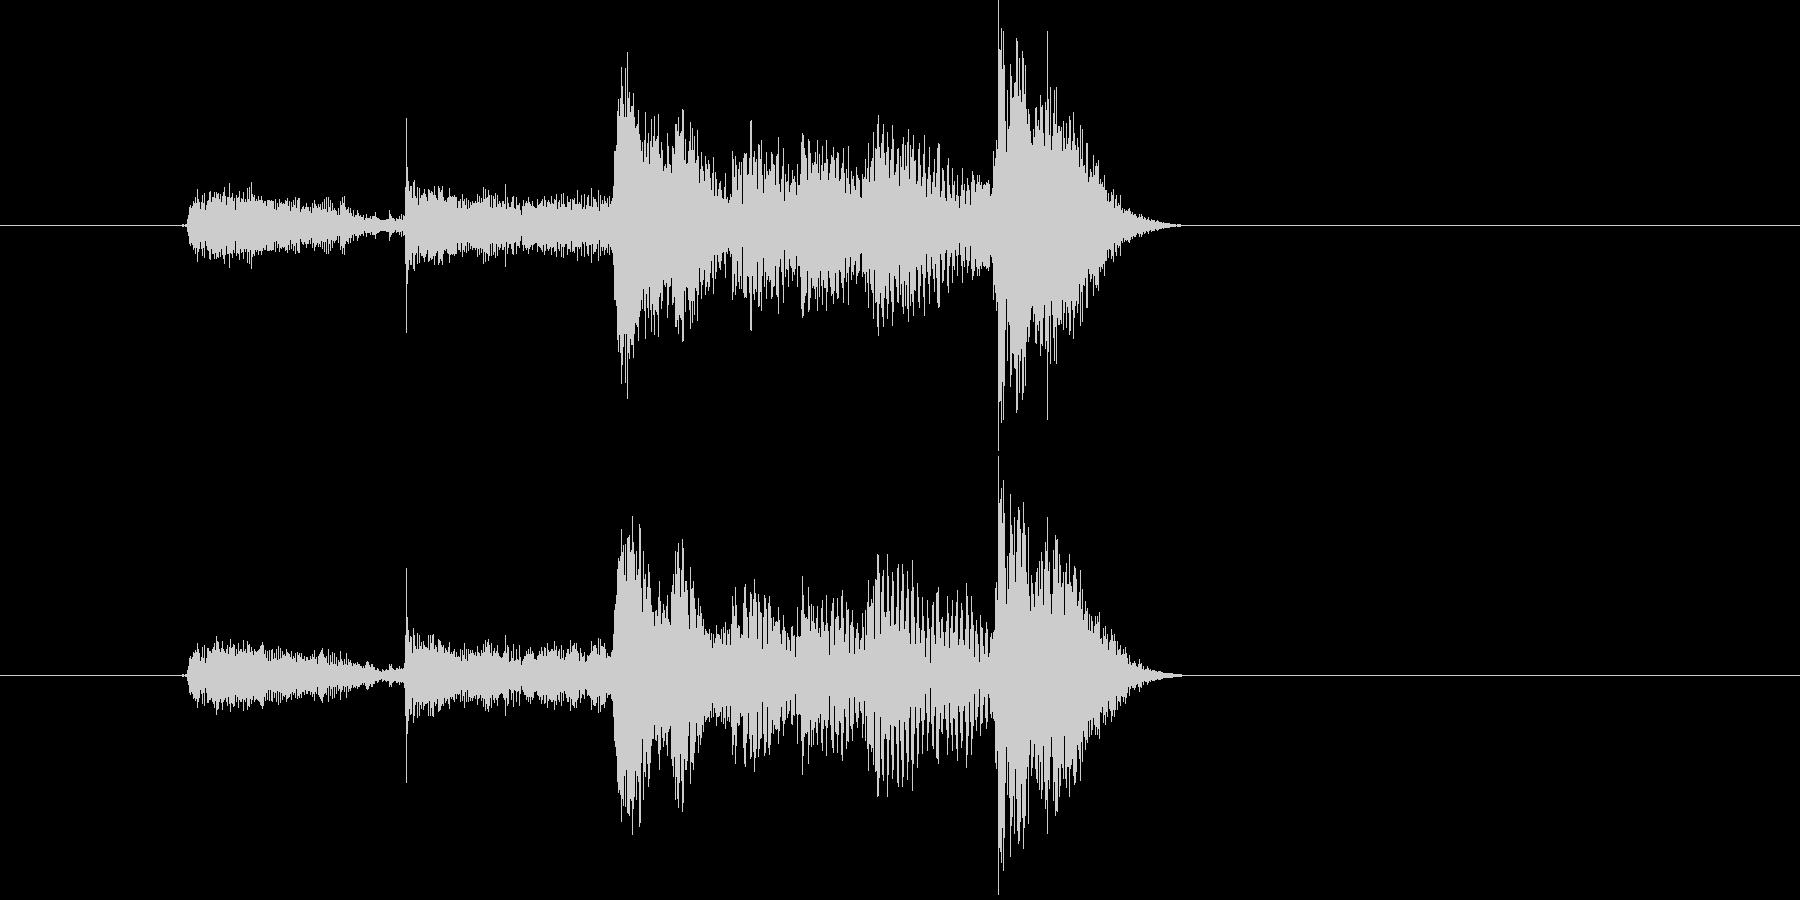 カウントするボイス音(バンド、短い)の未再生の波形